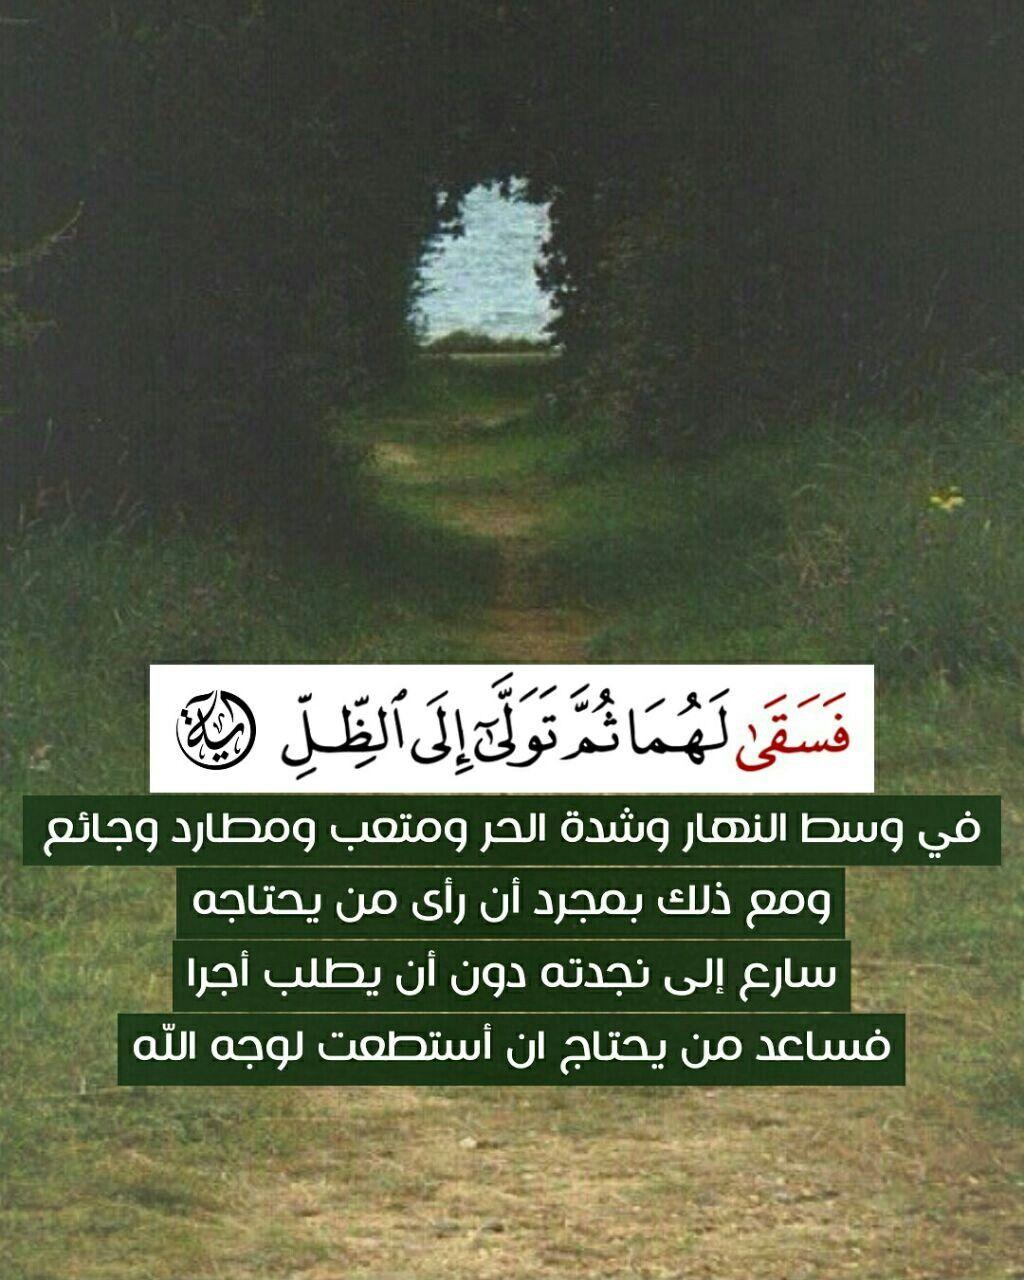 صحبة القرآن الكريم Islamic Quotes Quran Islamic Quotes Wallpaper Positive Quotes